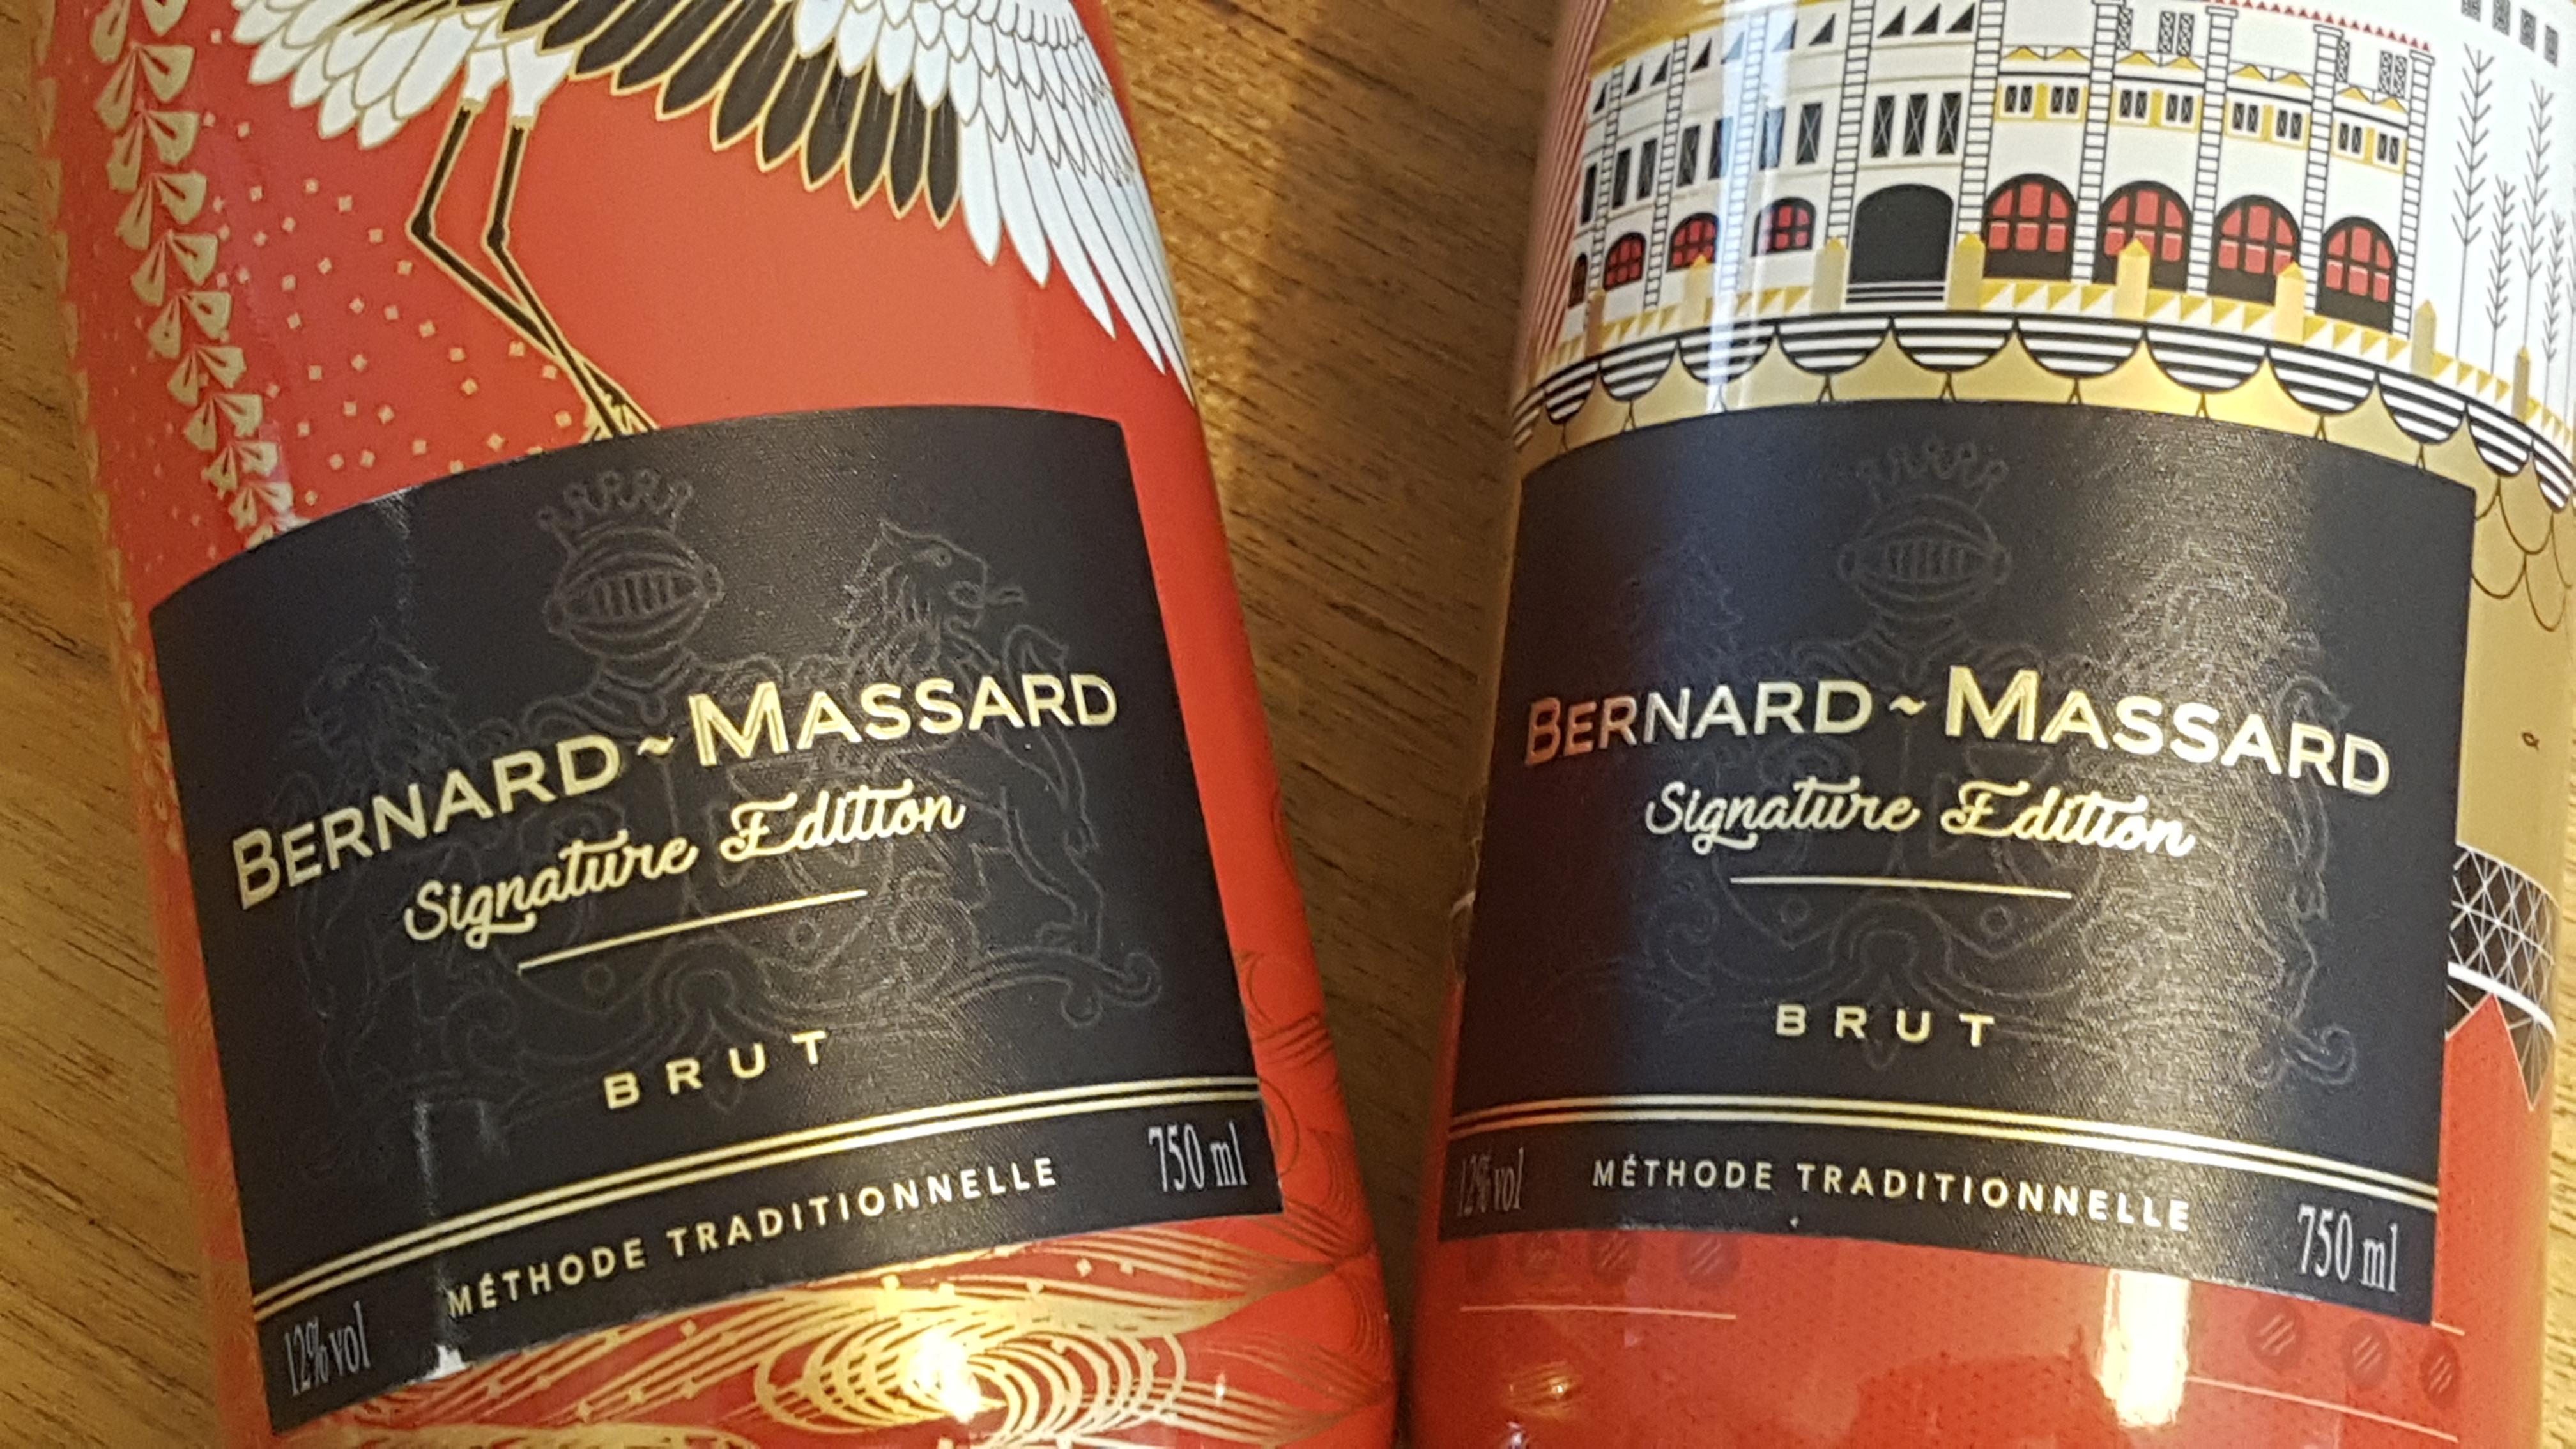 Une cuvée Bernard-Massard sous la griffe de 6 artistes internationaux